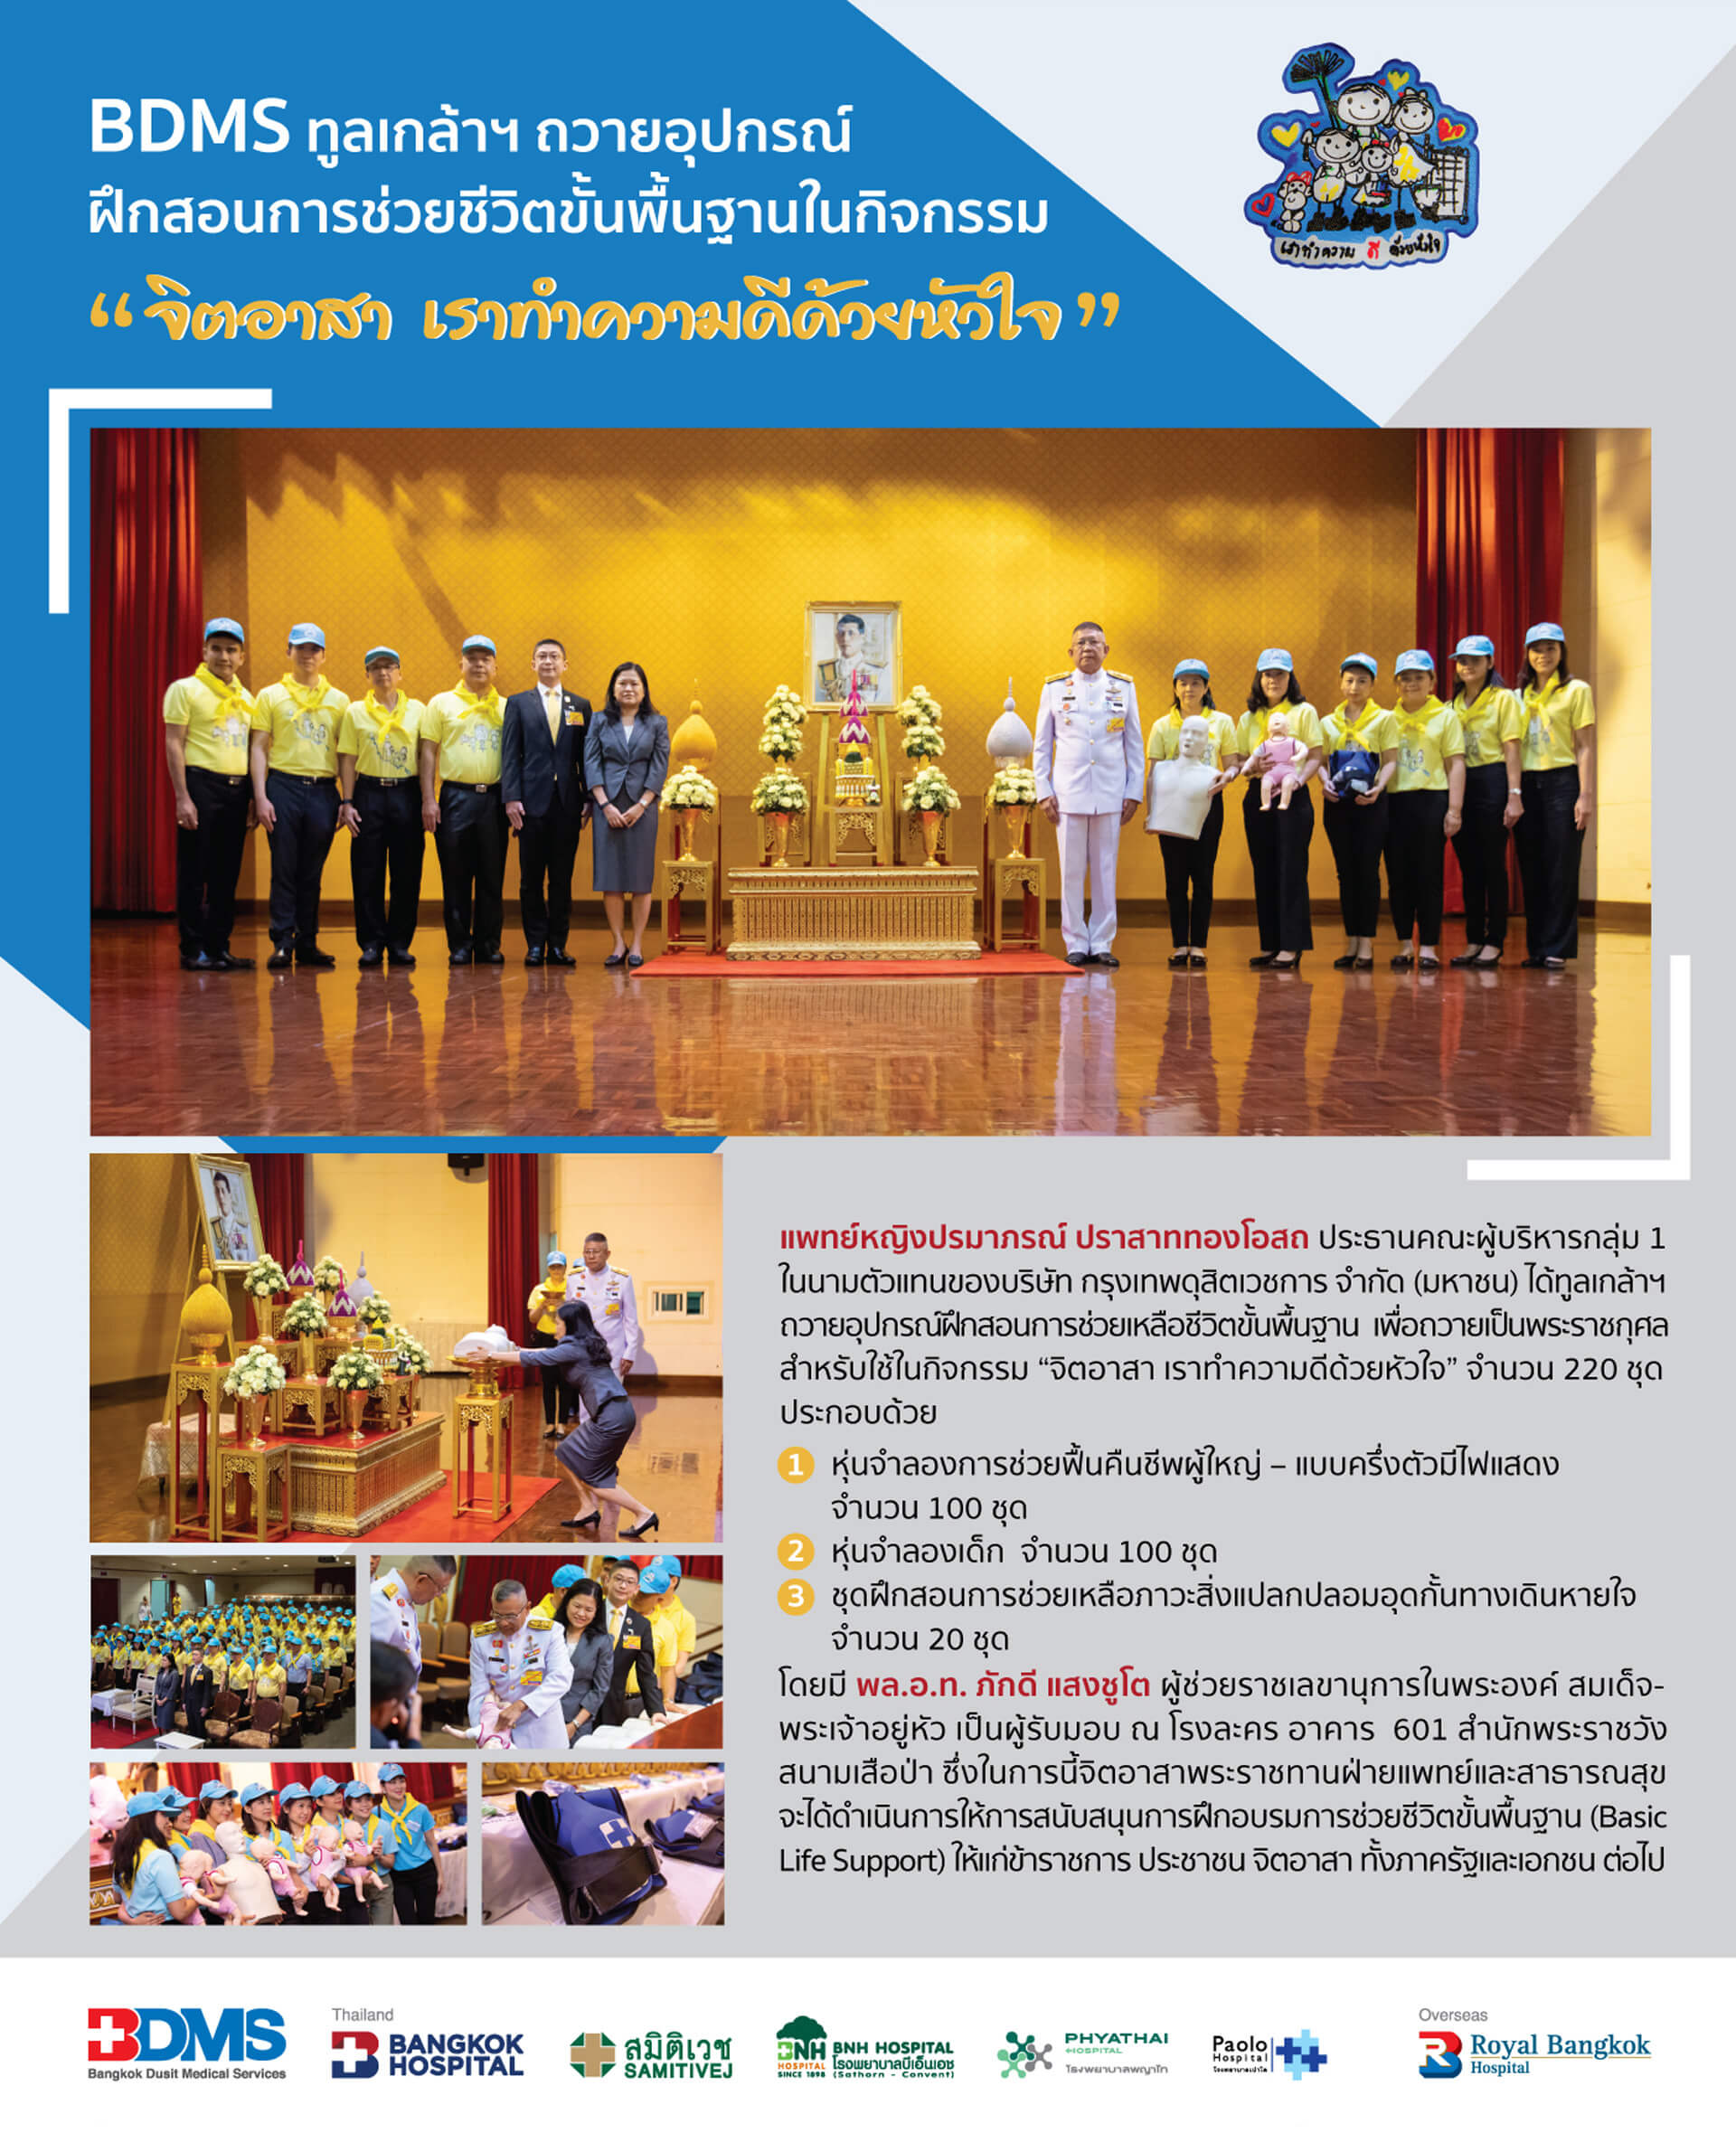 bdms-volunteer-spirit-activity